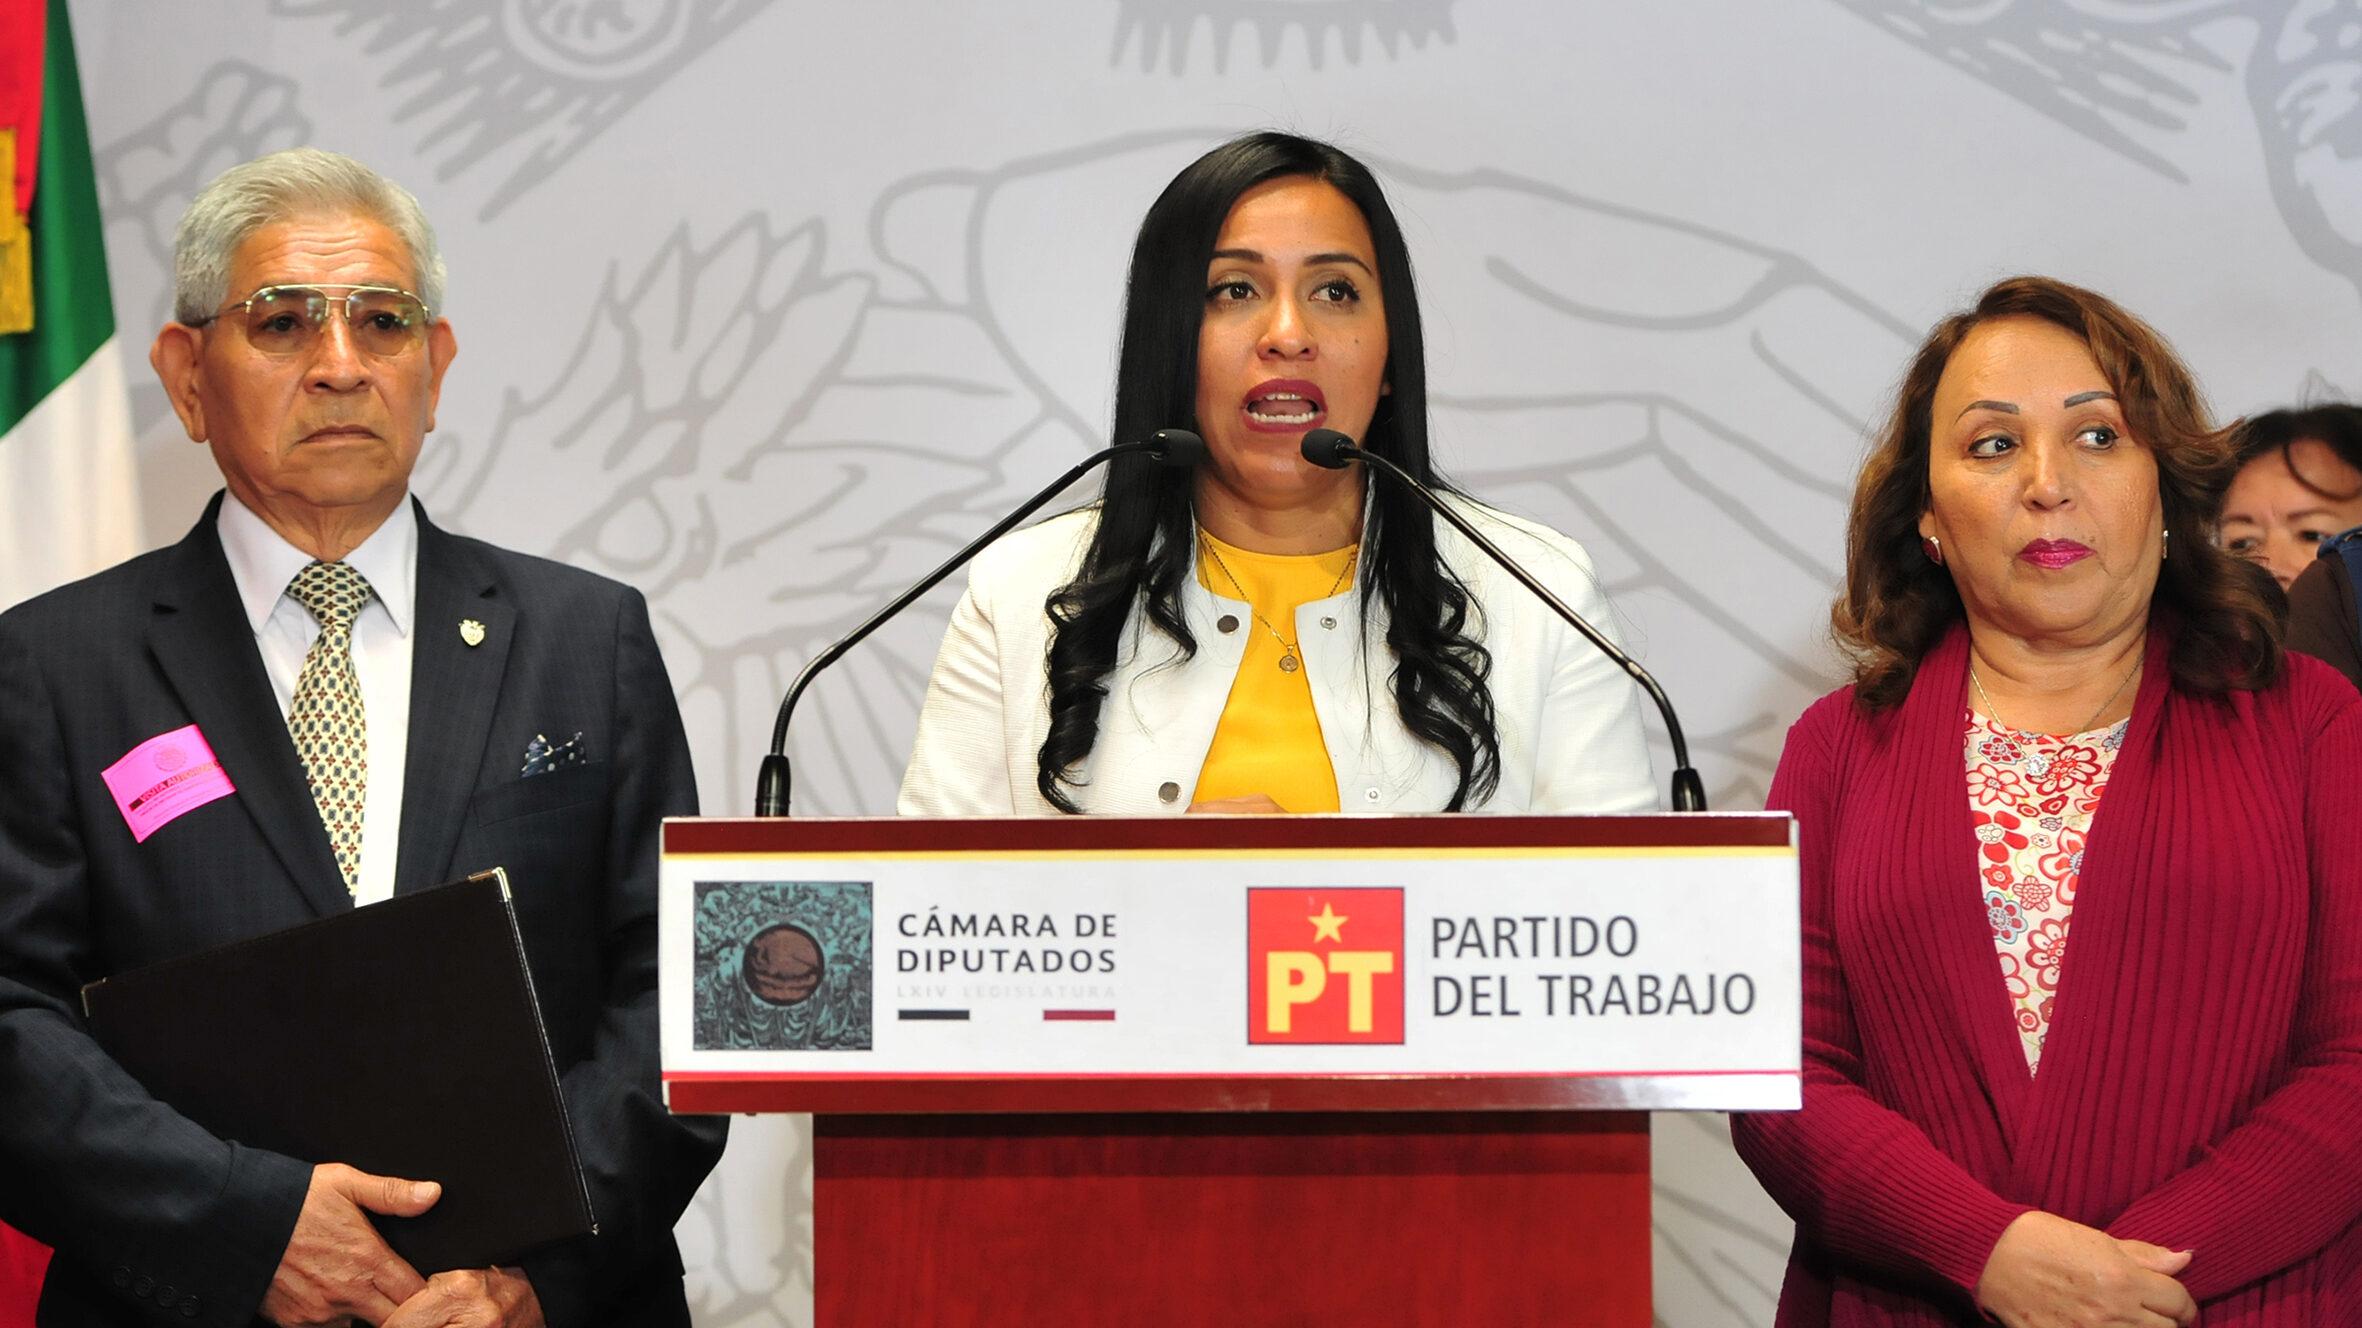 Mary Carmen Bernal